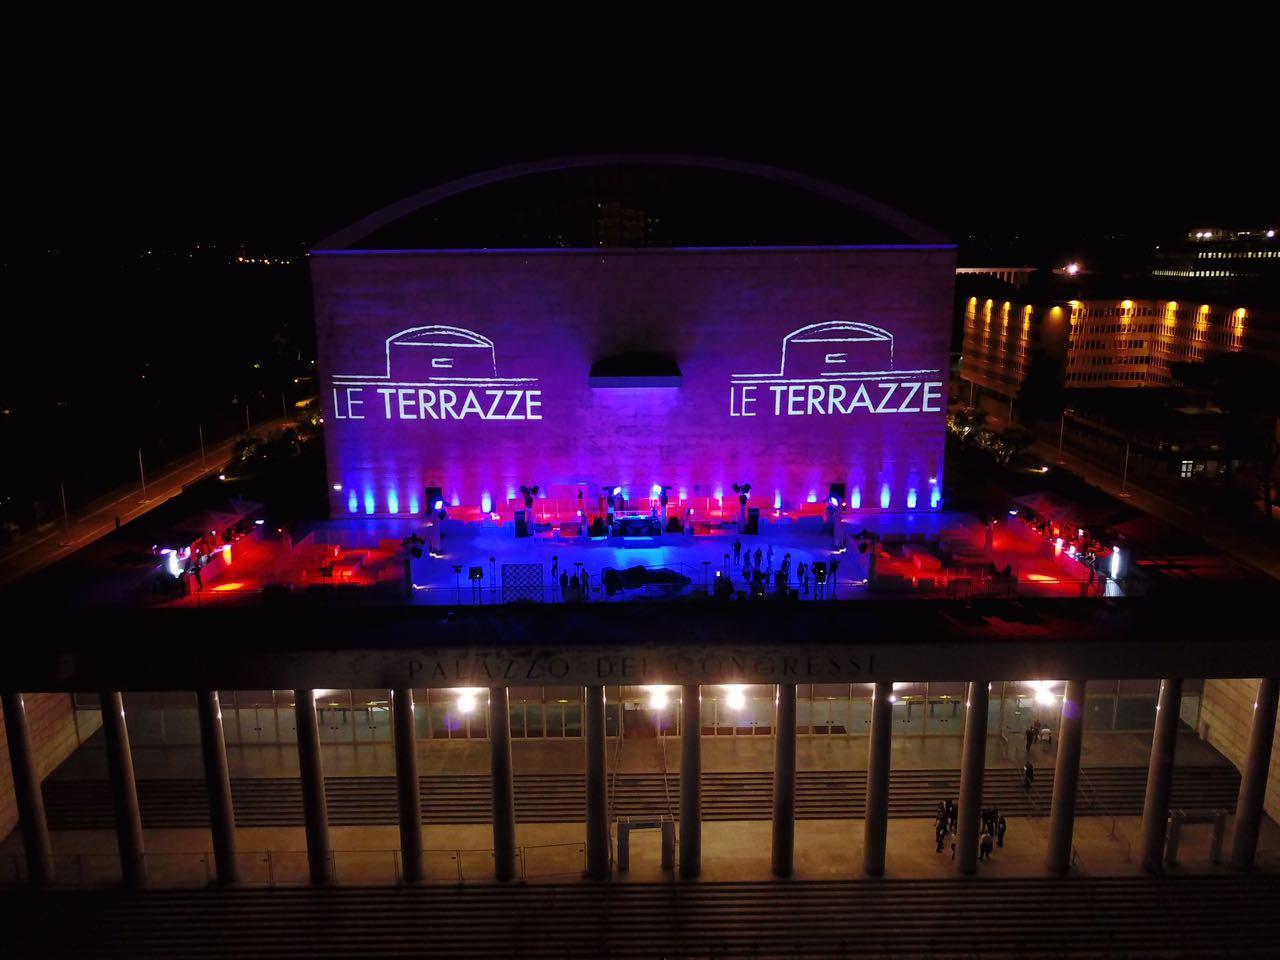 Discoteca Le Terrazze Roma Eur Venerdi 3 Agosto 2018 Lista